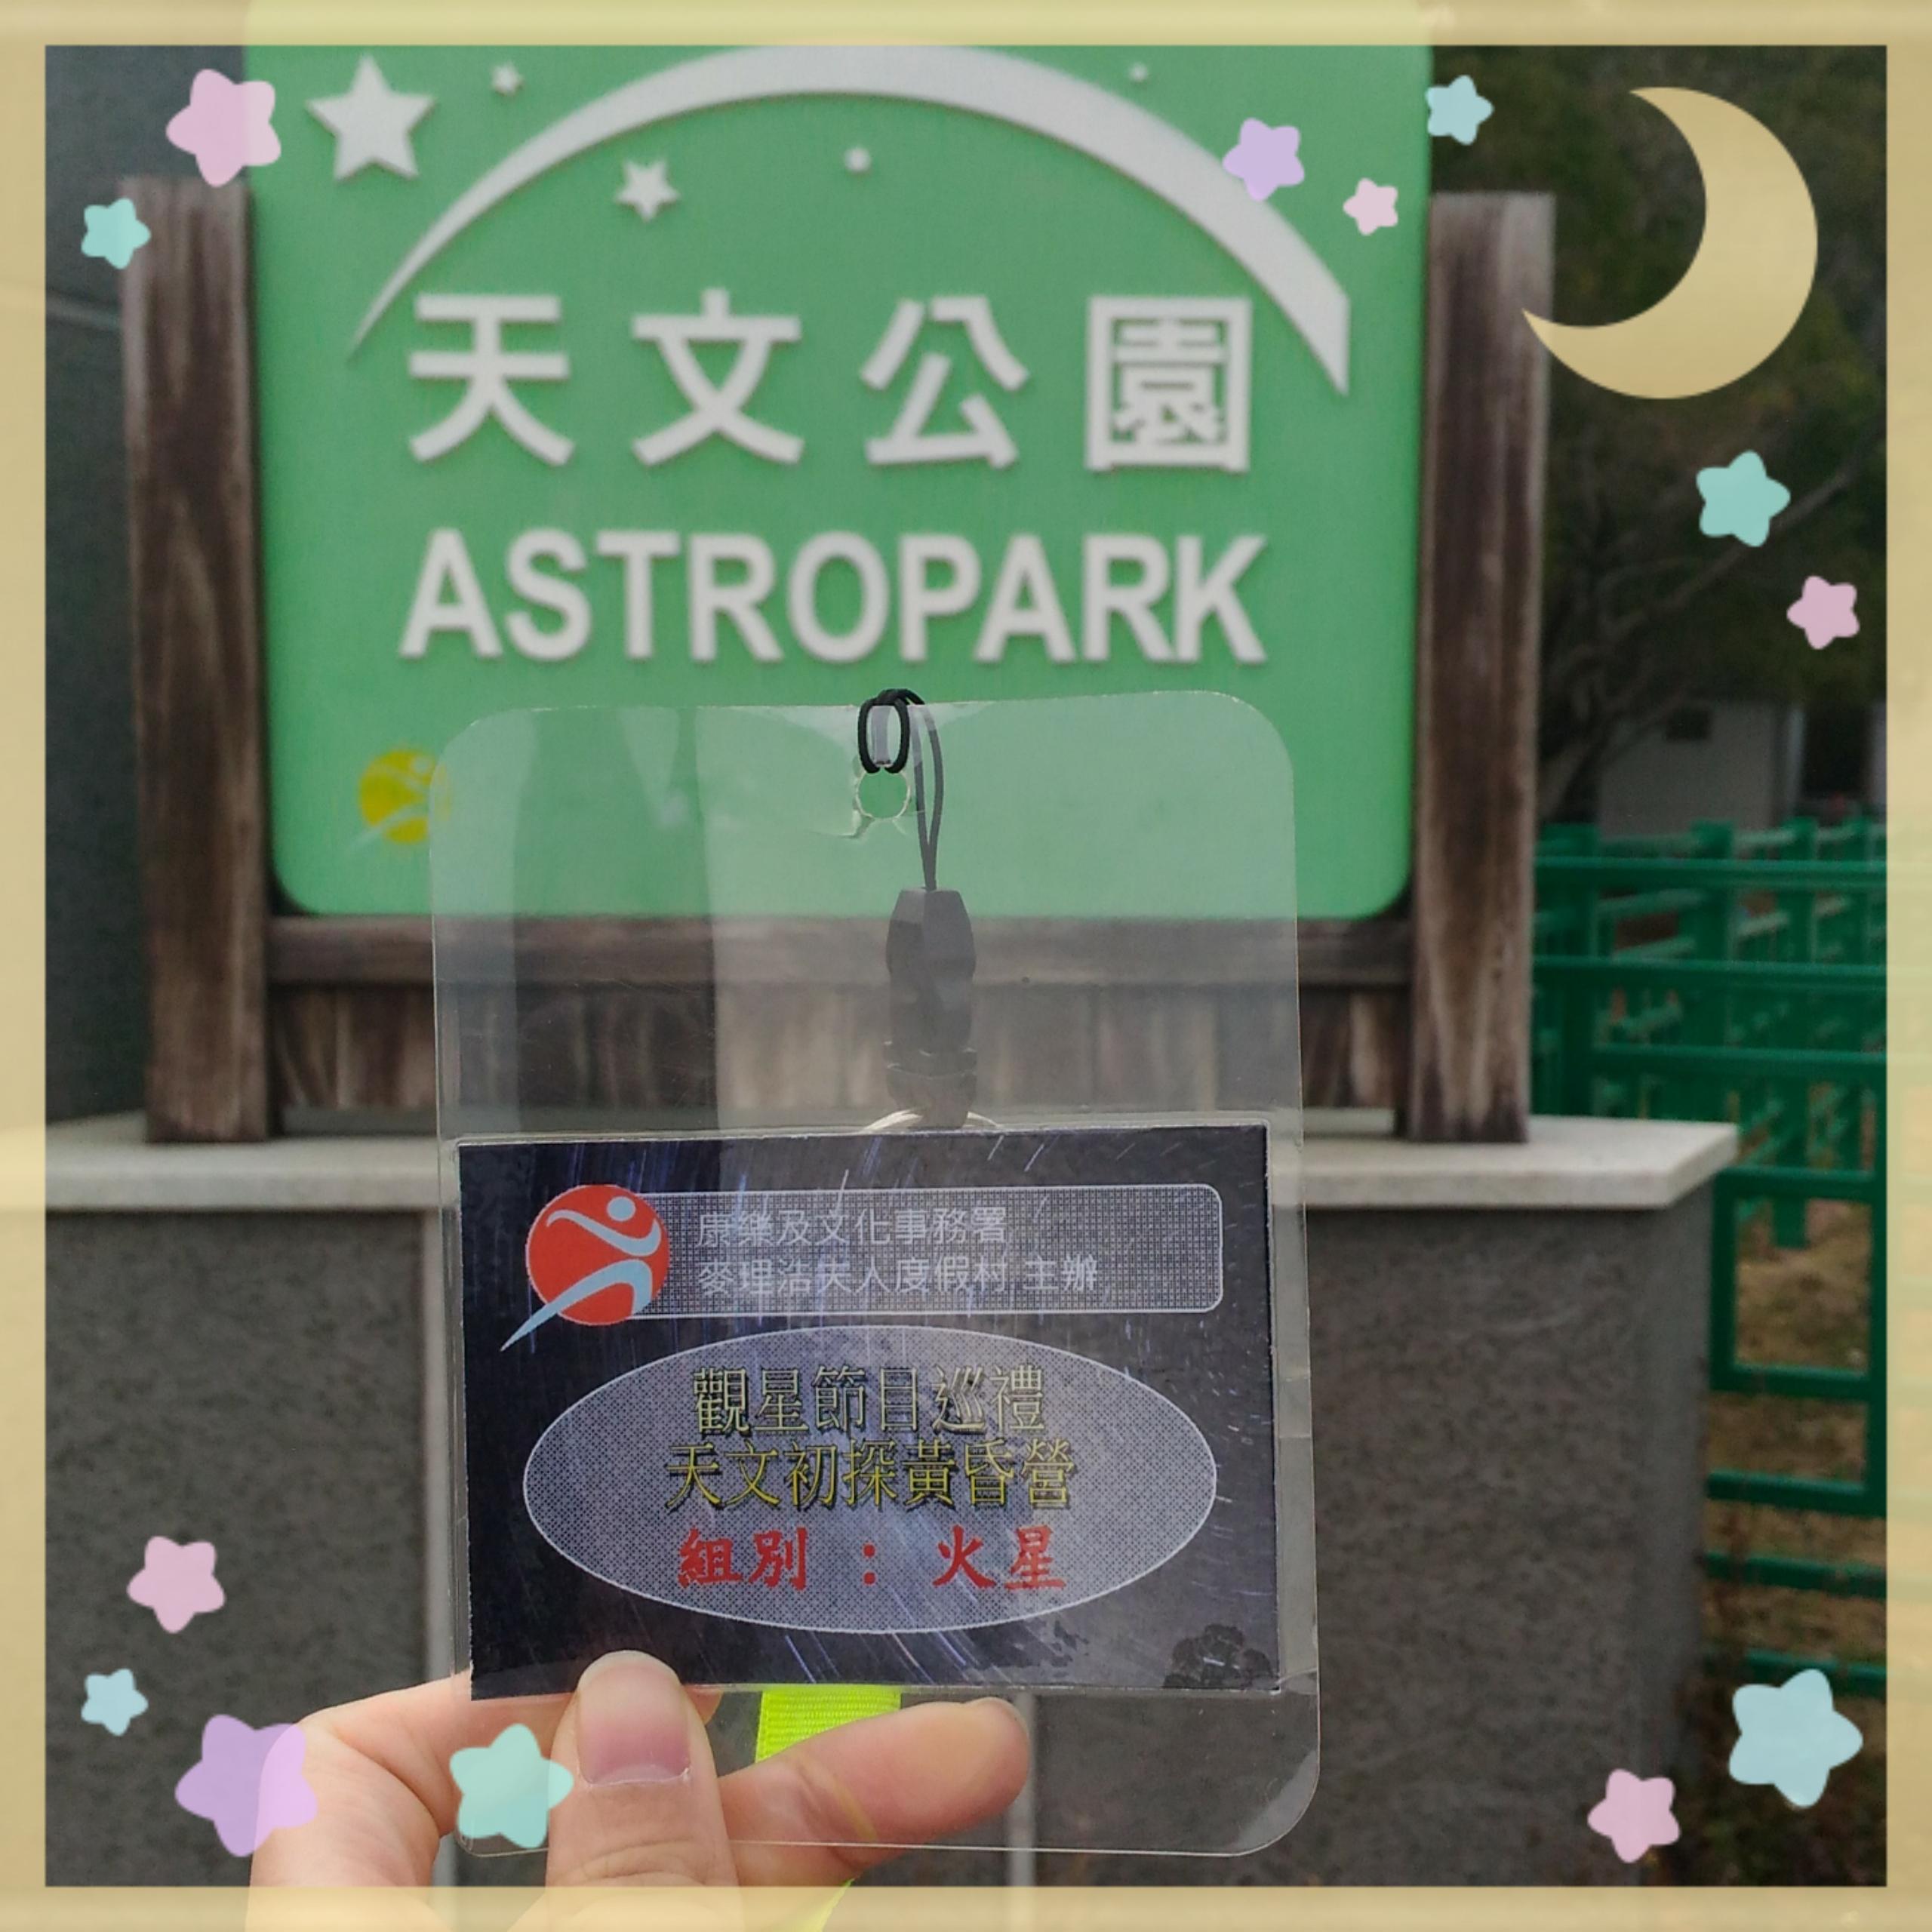 【活動心得】觀星節目巡禮2017 – 天文初探黃昏營